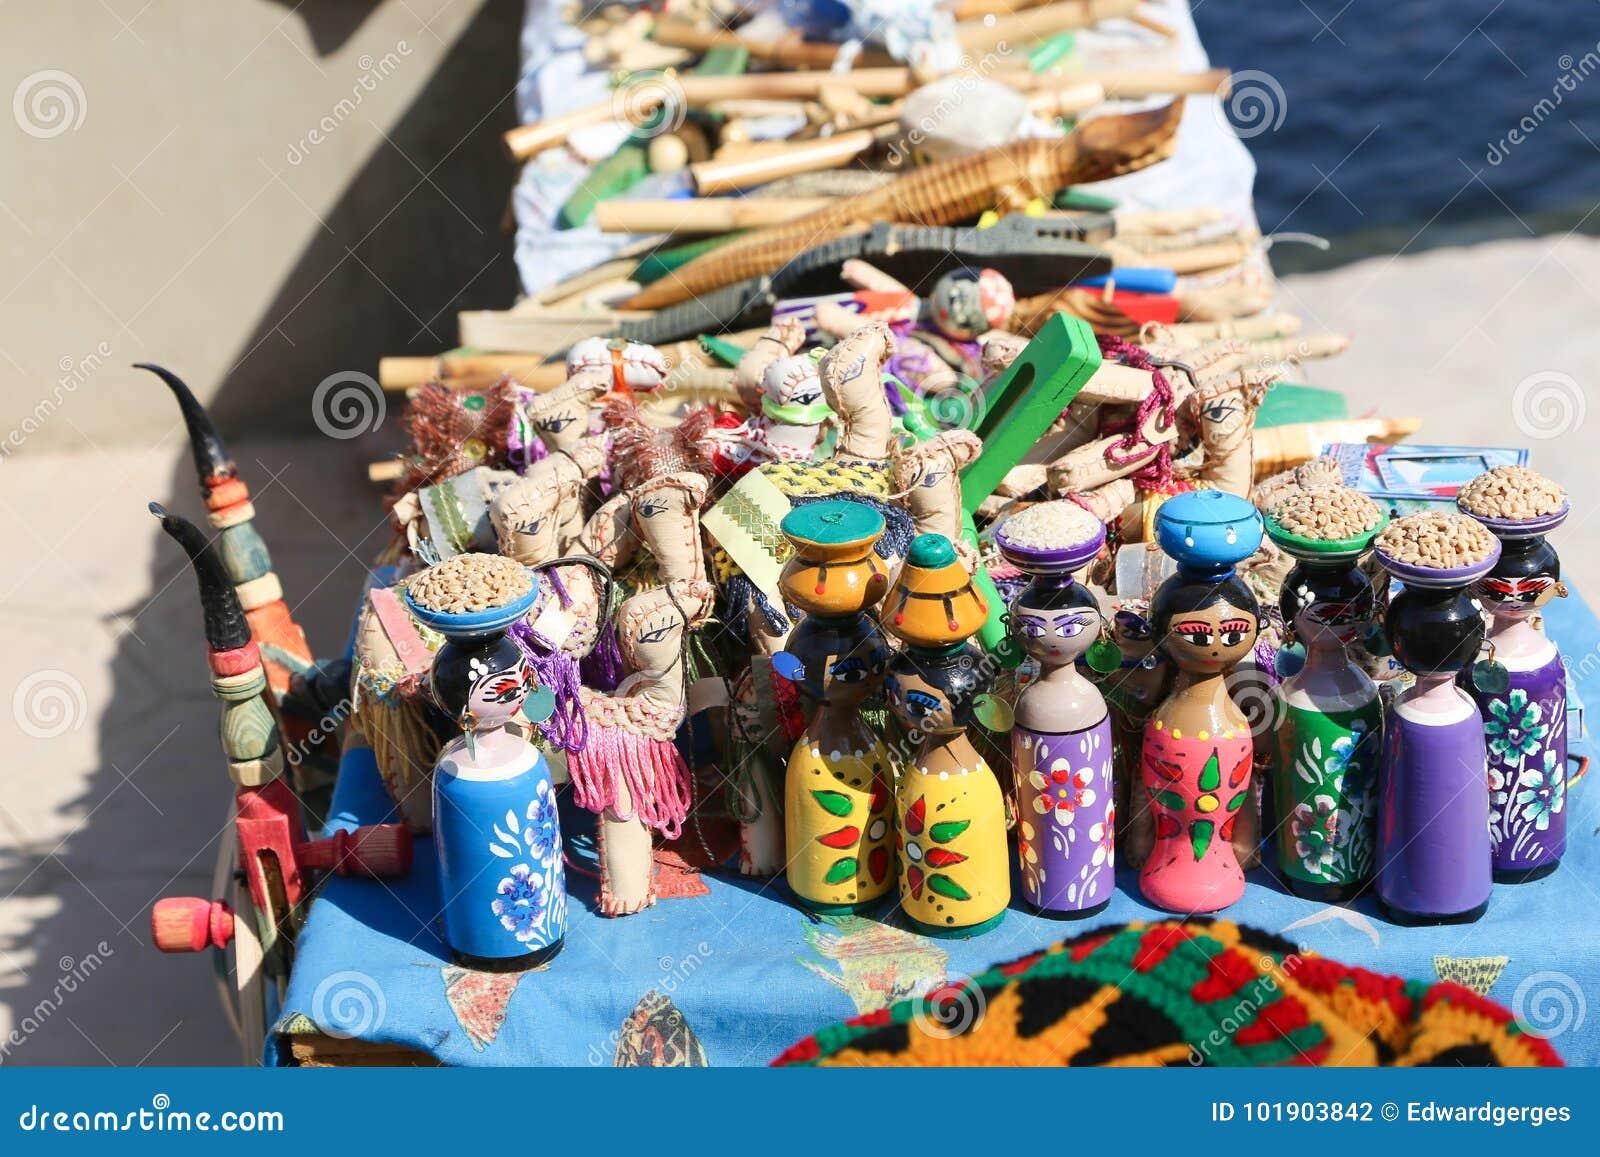 Bazaar stock photo  Image of ingredient, food, goods - 101903842